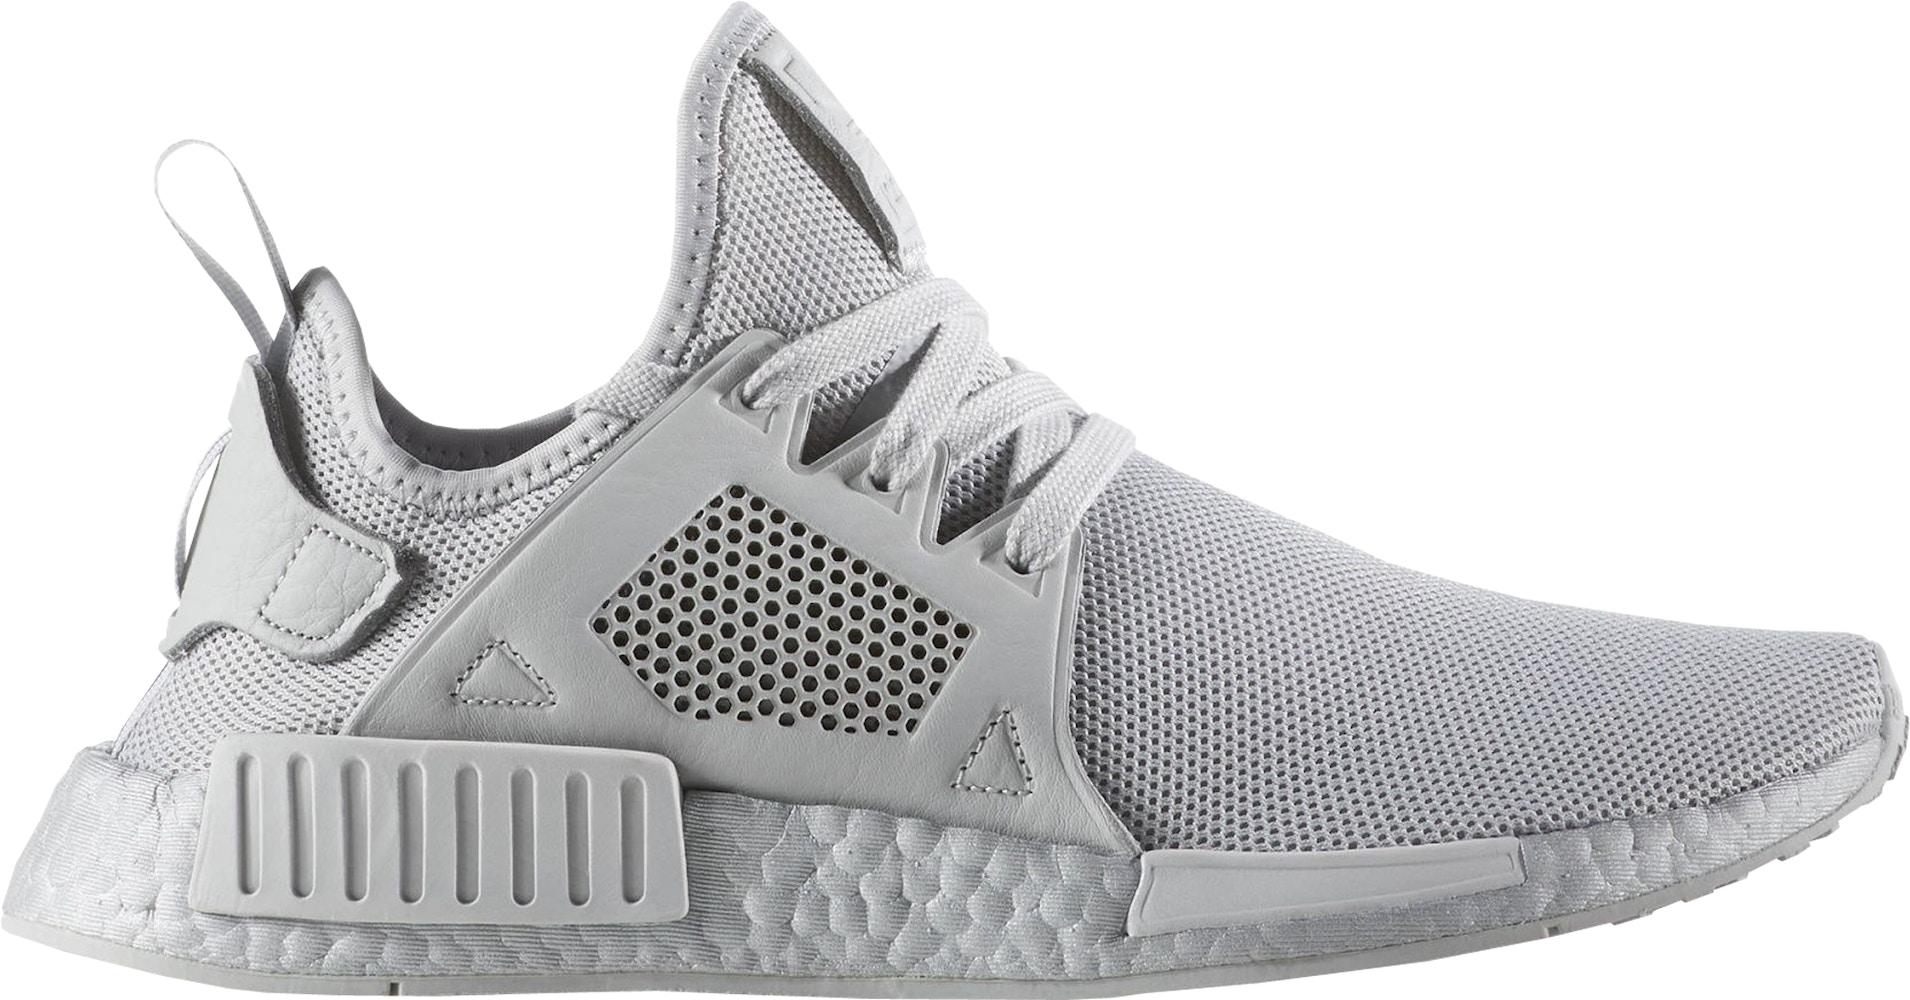 adidas NMD XR1 Triple Grey